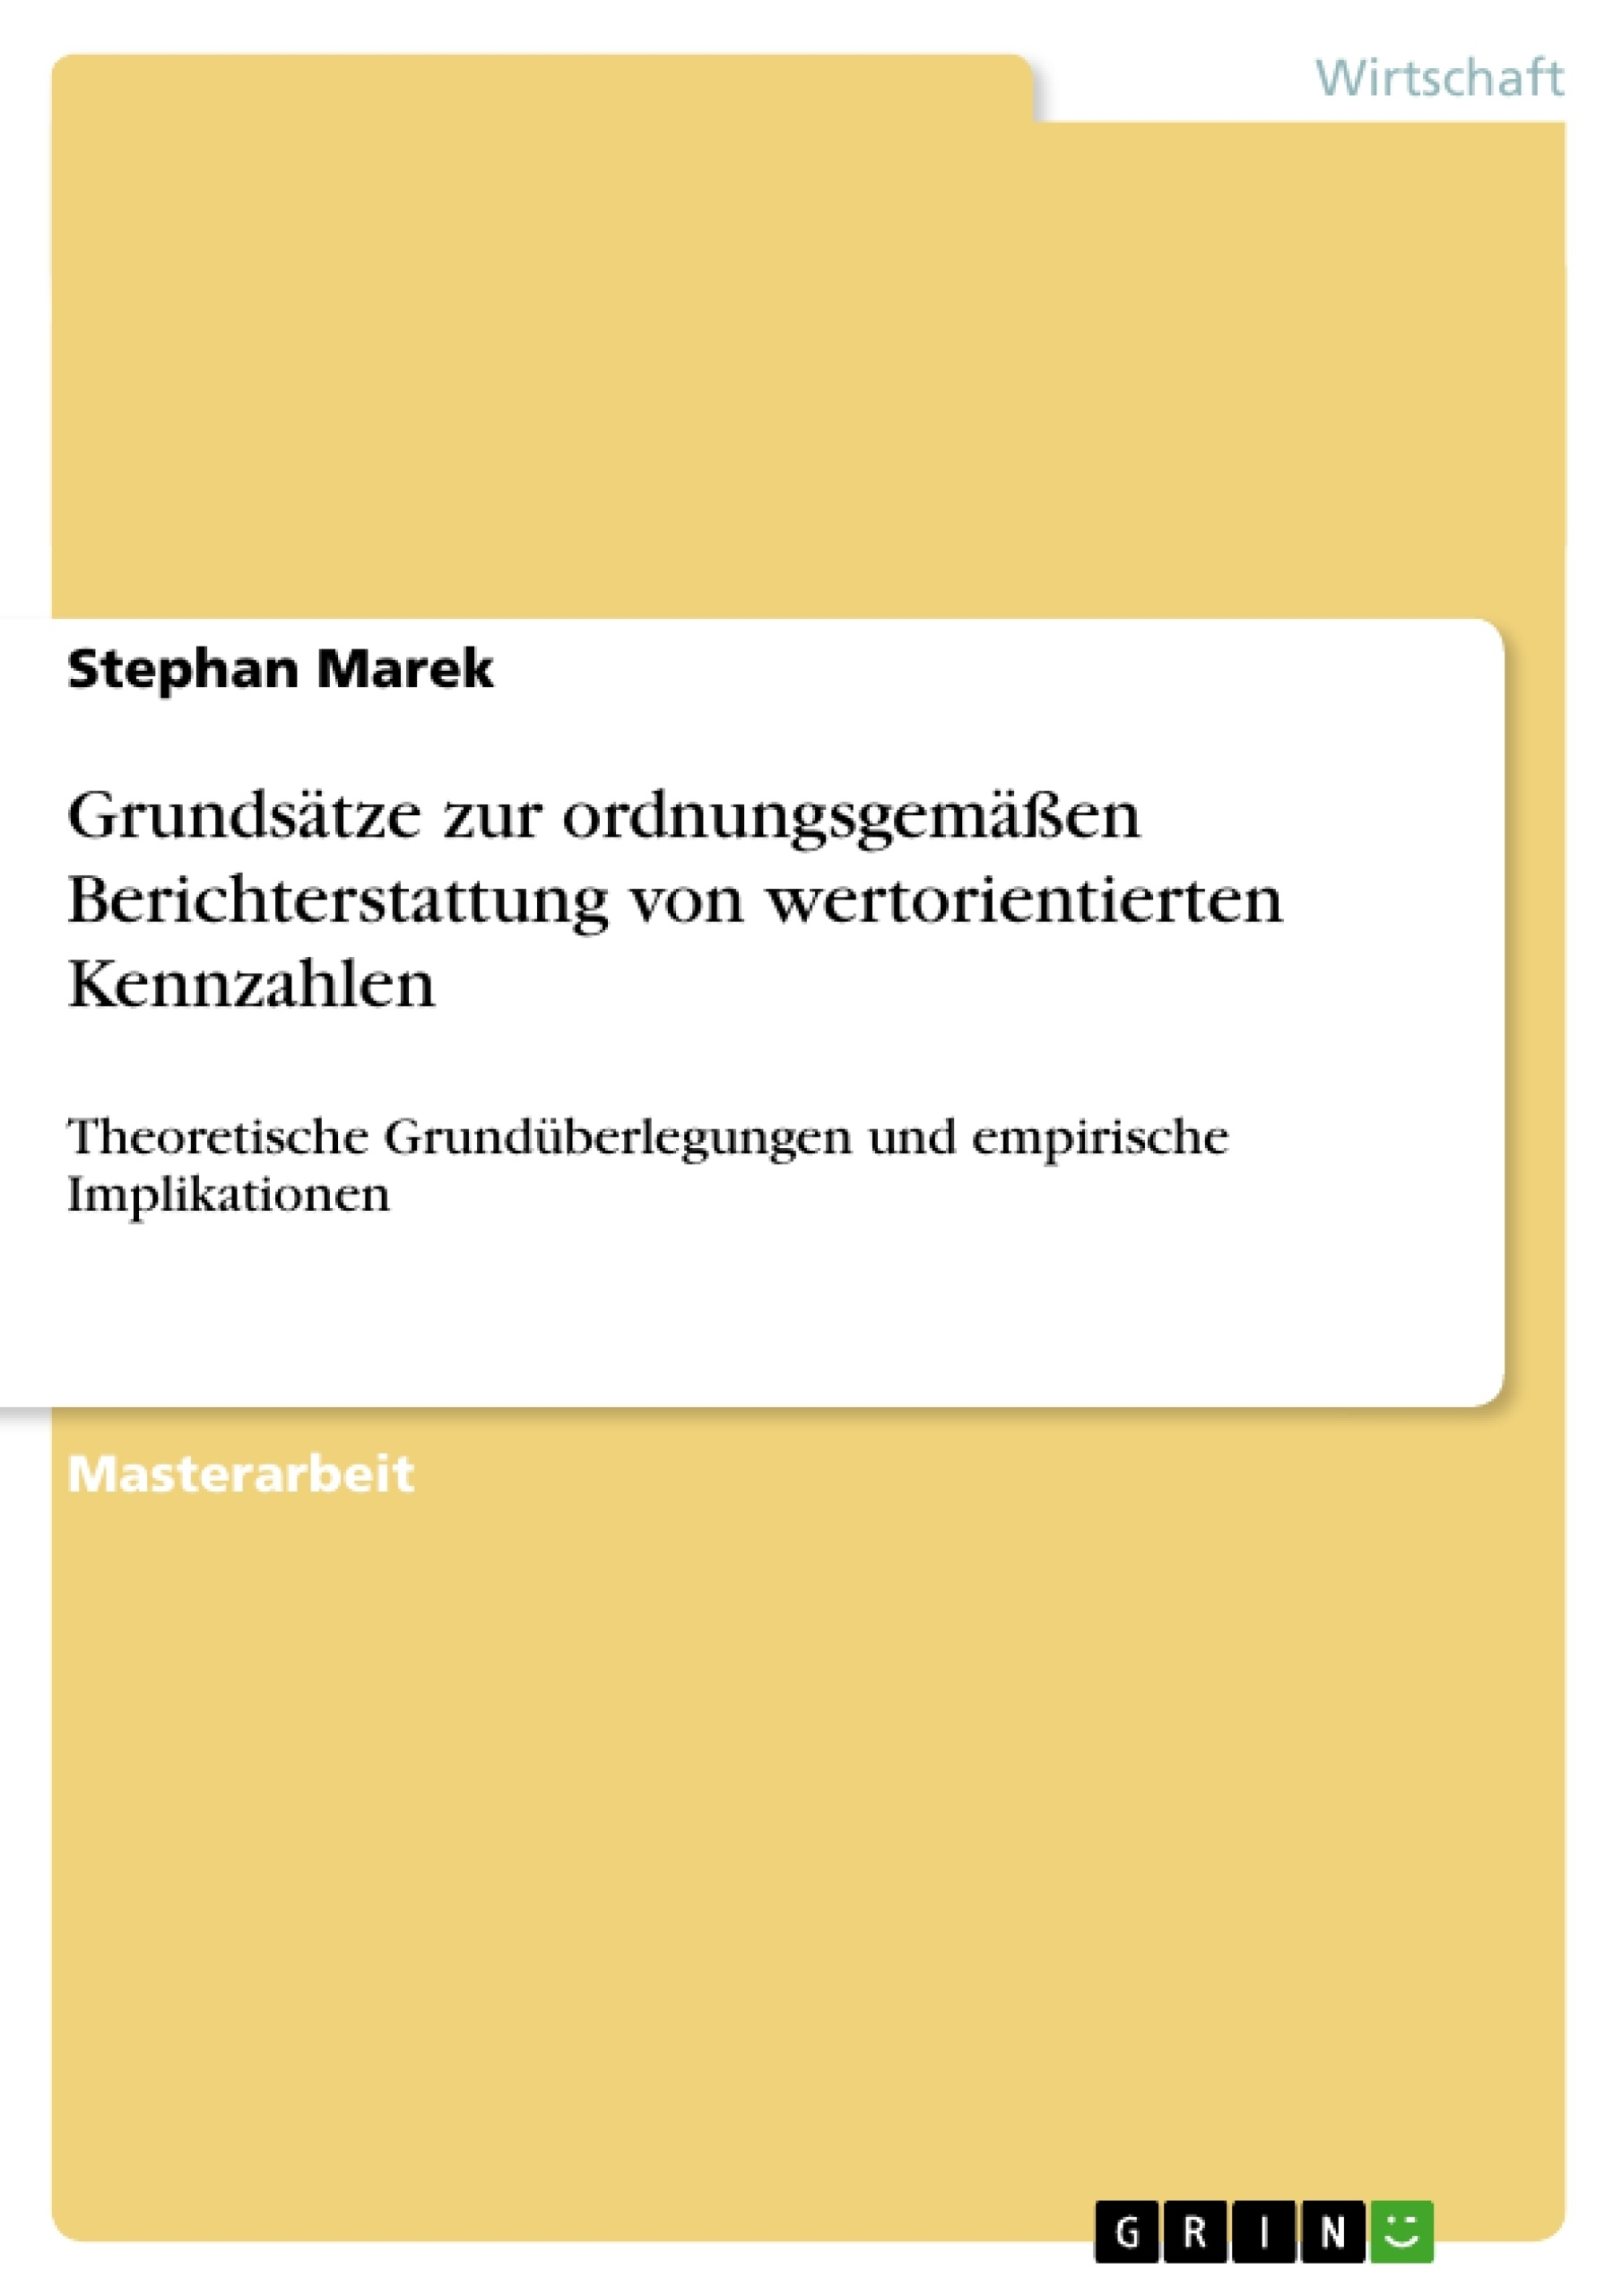 Titel: Grundsätze zur ordnungsgemäßen Berichterstattung von wertorientierten Kennzahlen